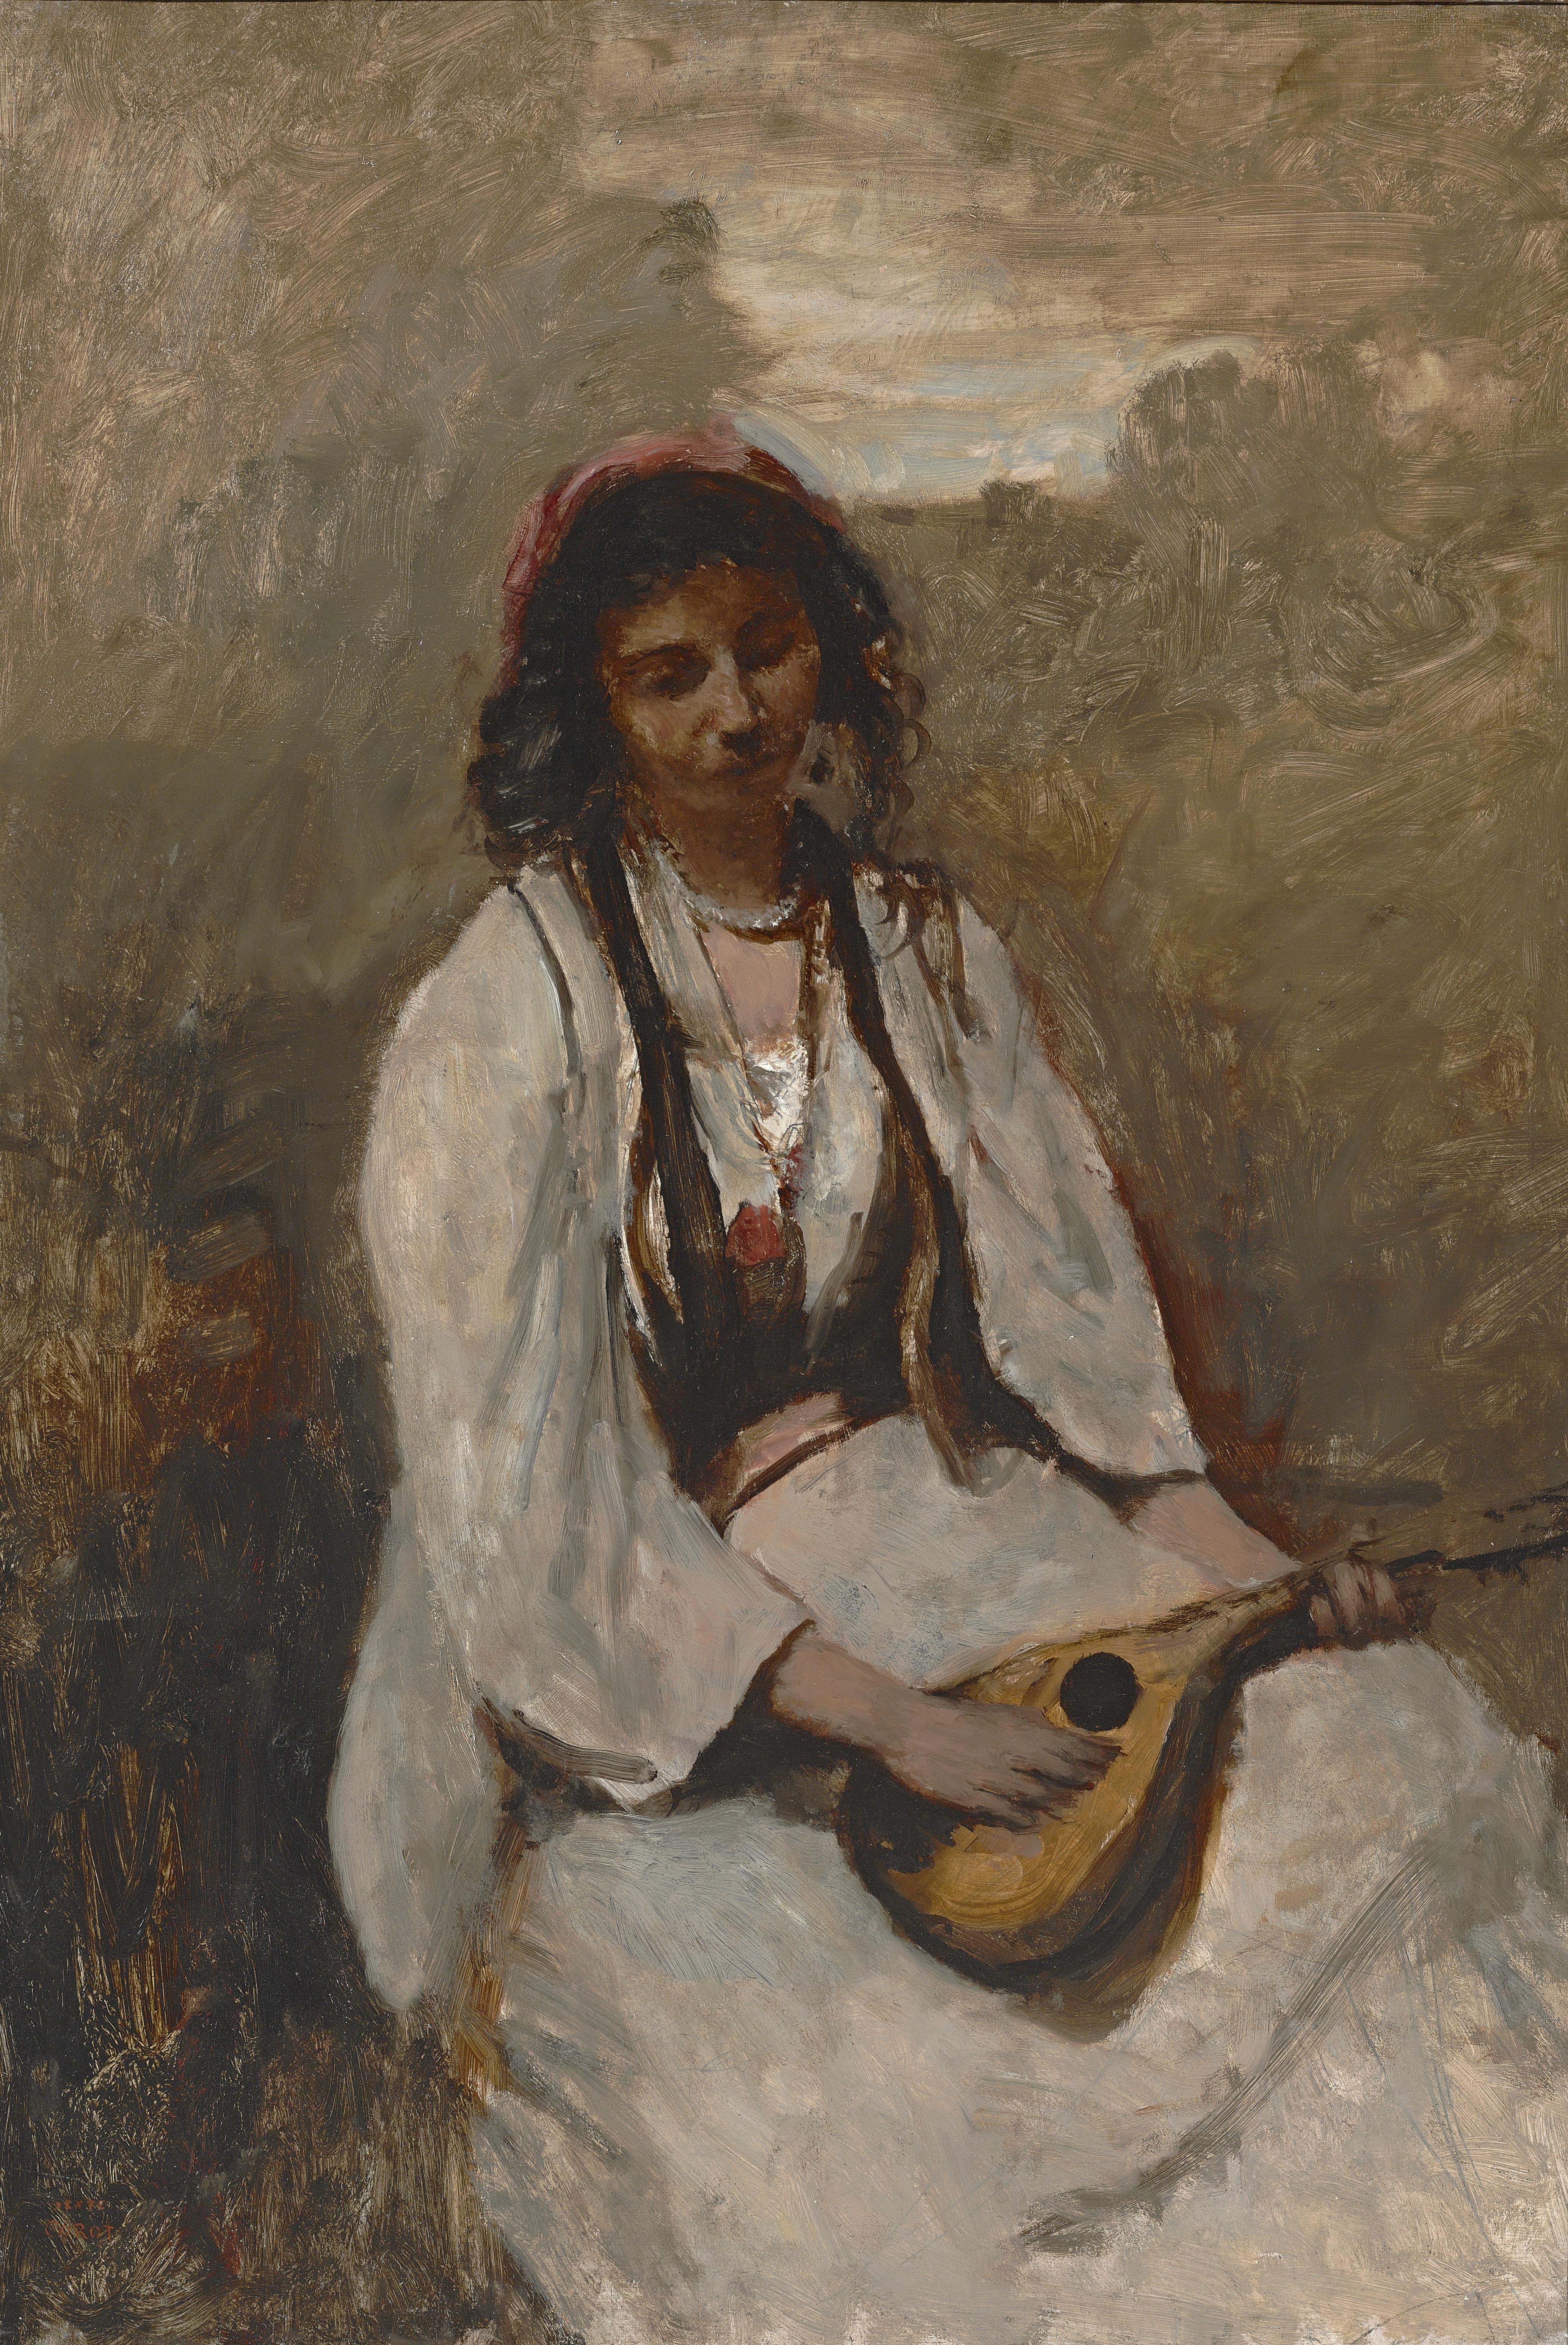 corot-la-bohemienne-a-mandoline